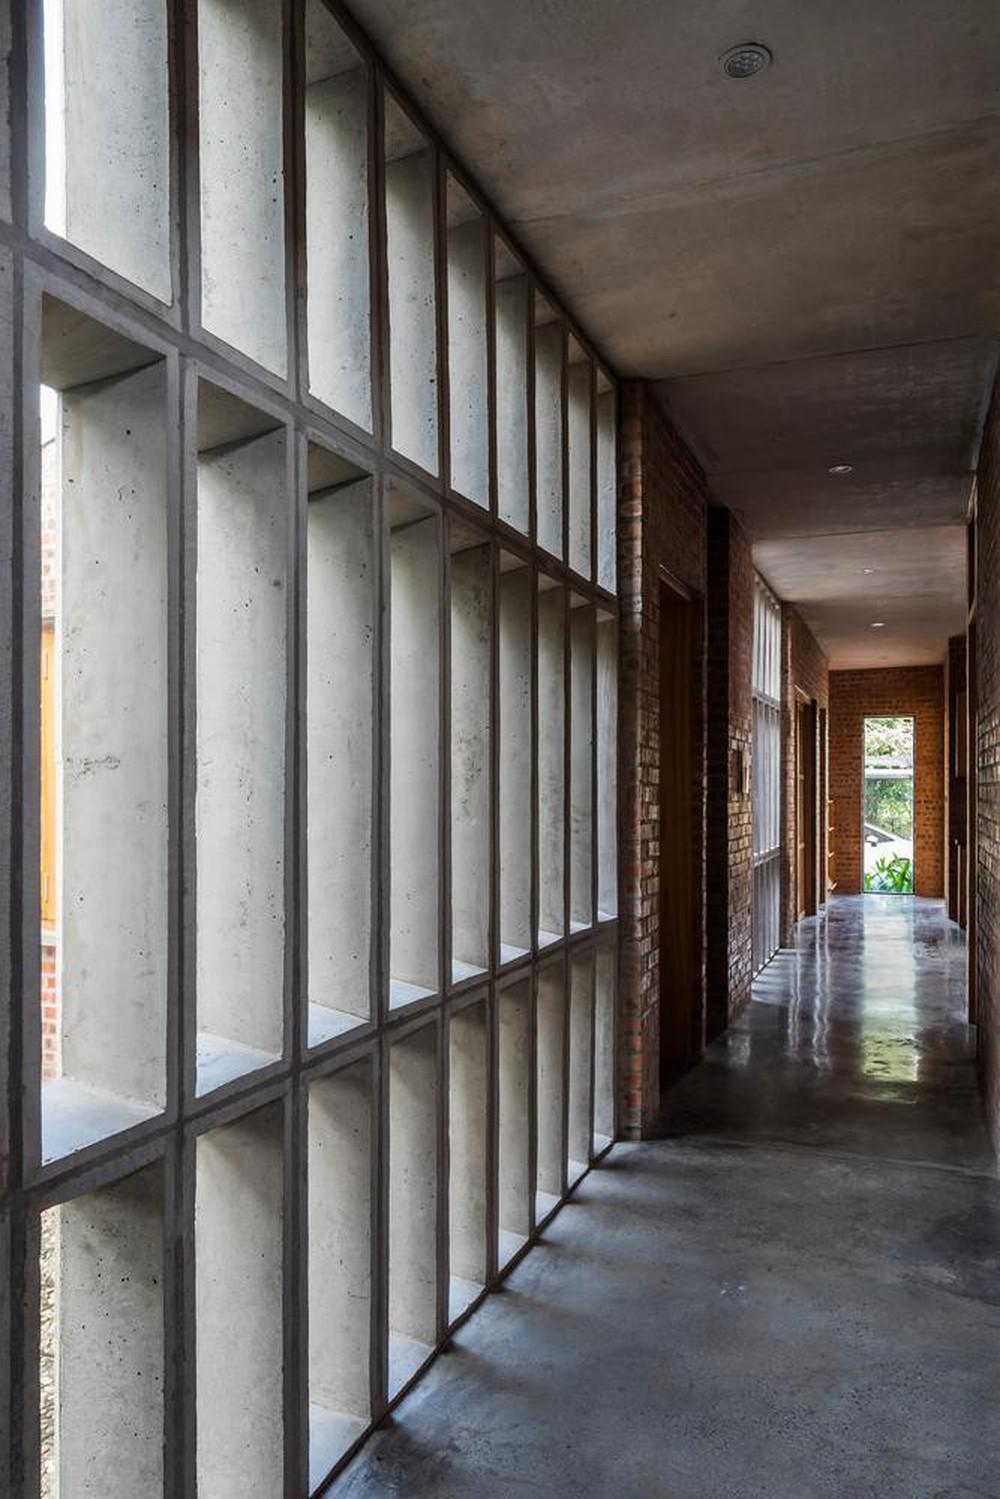 Mê mẩn với nhà gạch gỗ xoan nhiều cửa ở Phú Thọ - Ảnh 9.